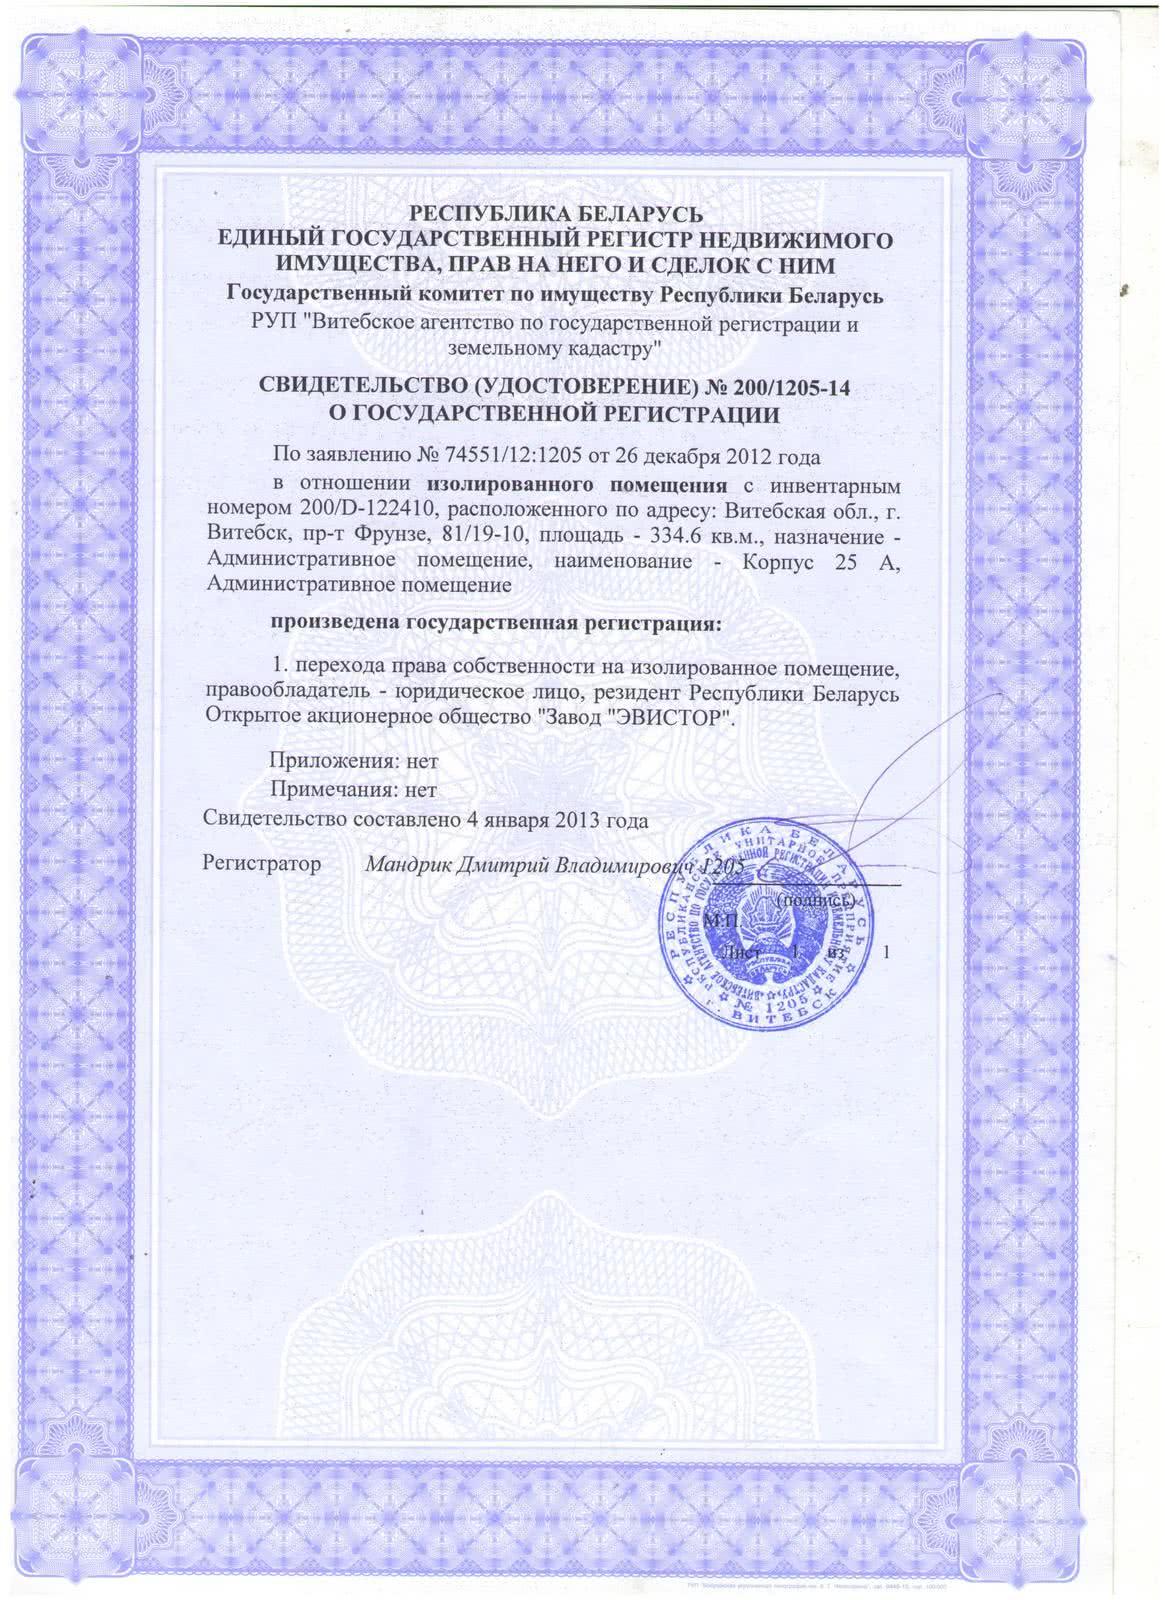 Аукцион по продаже недвижимости пр-т Фрунзе, 81/20-2 в Витебске - фото 5